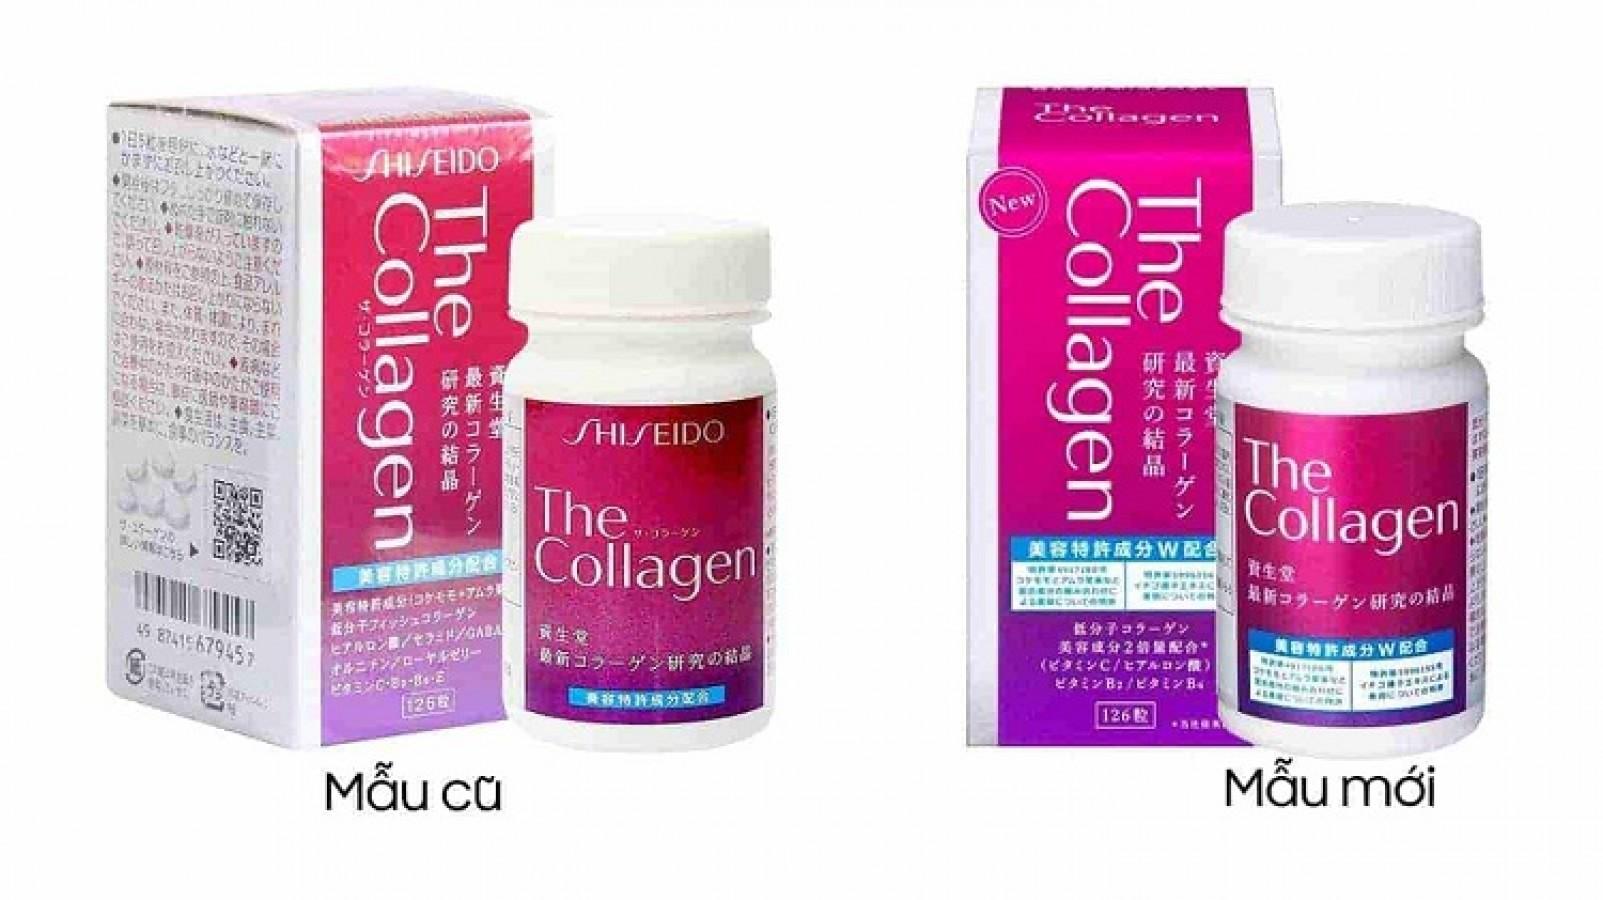 The Collagen Shiseido Dạng Viên Hộp 126 Viên